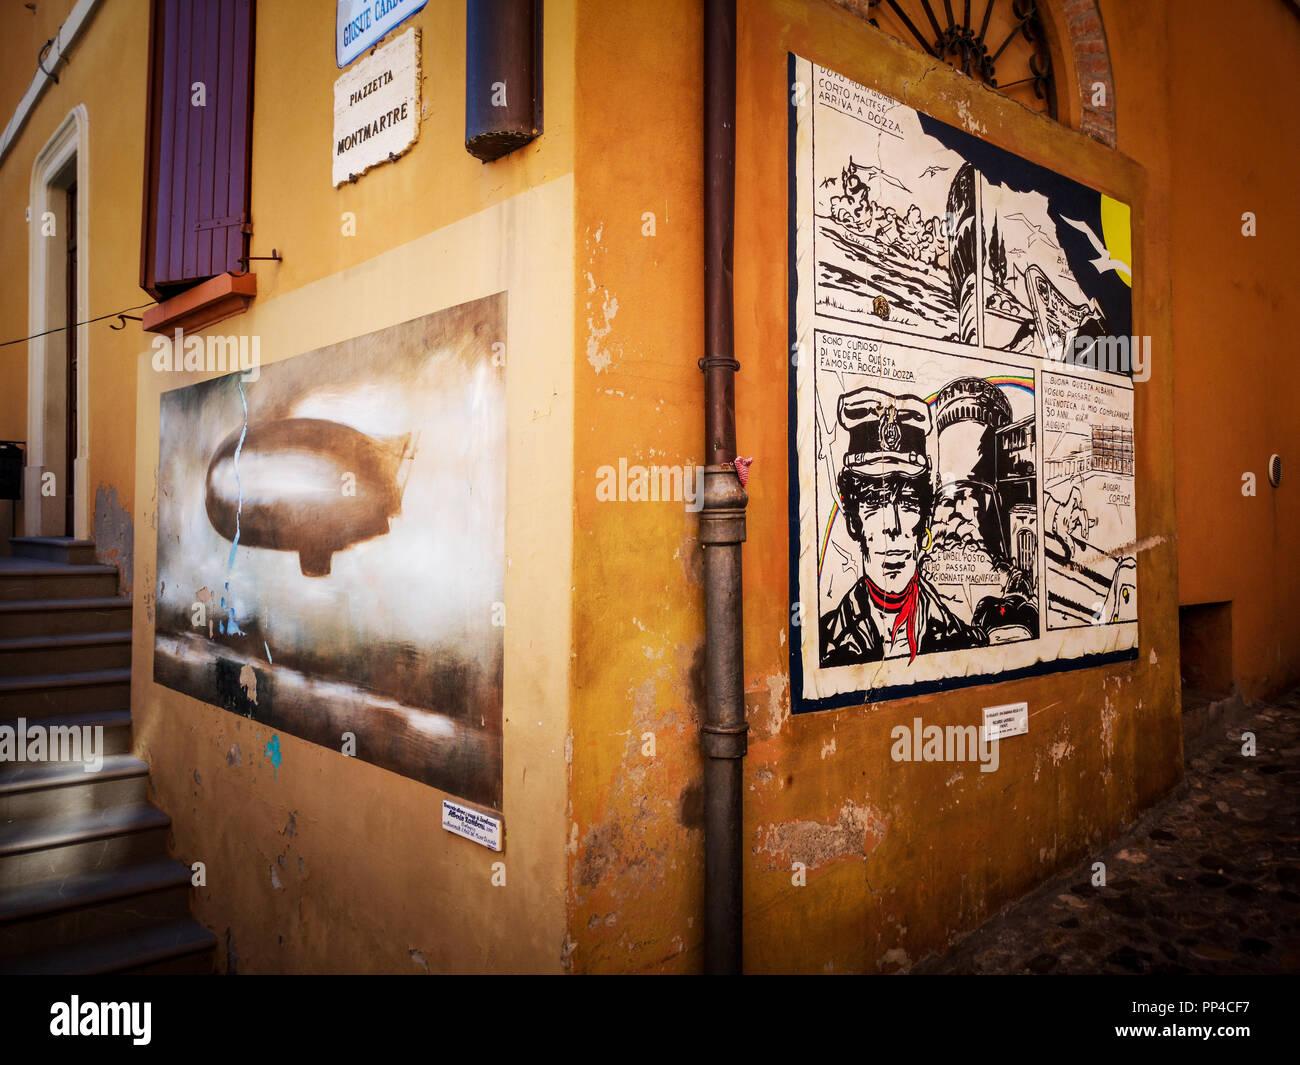 Corto Maltese picture in Dozza the painted city - Bologna - Emil - Stock Image